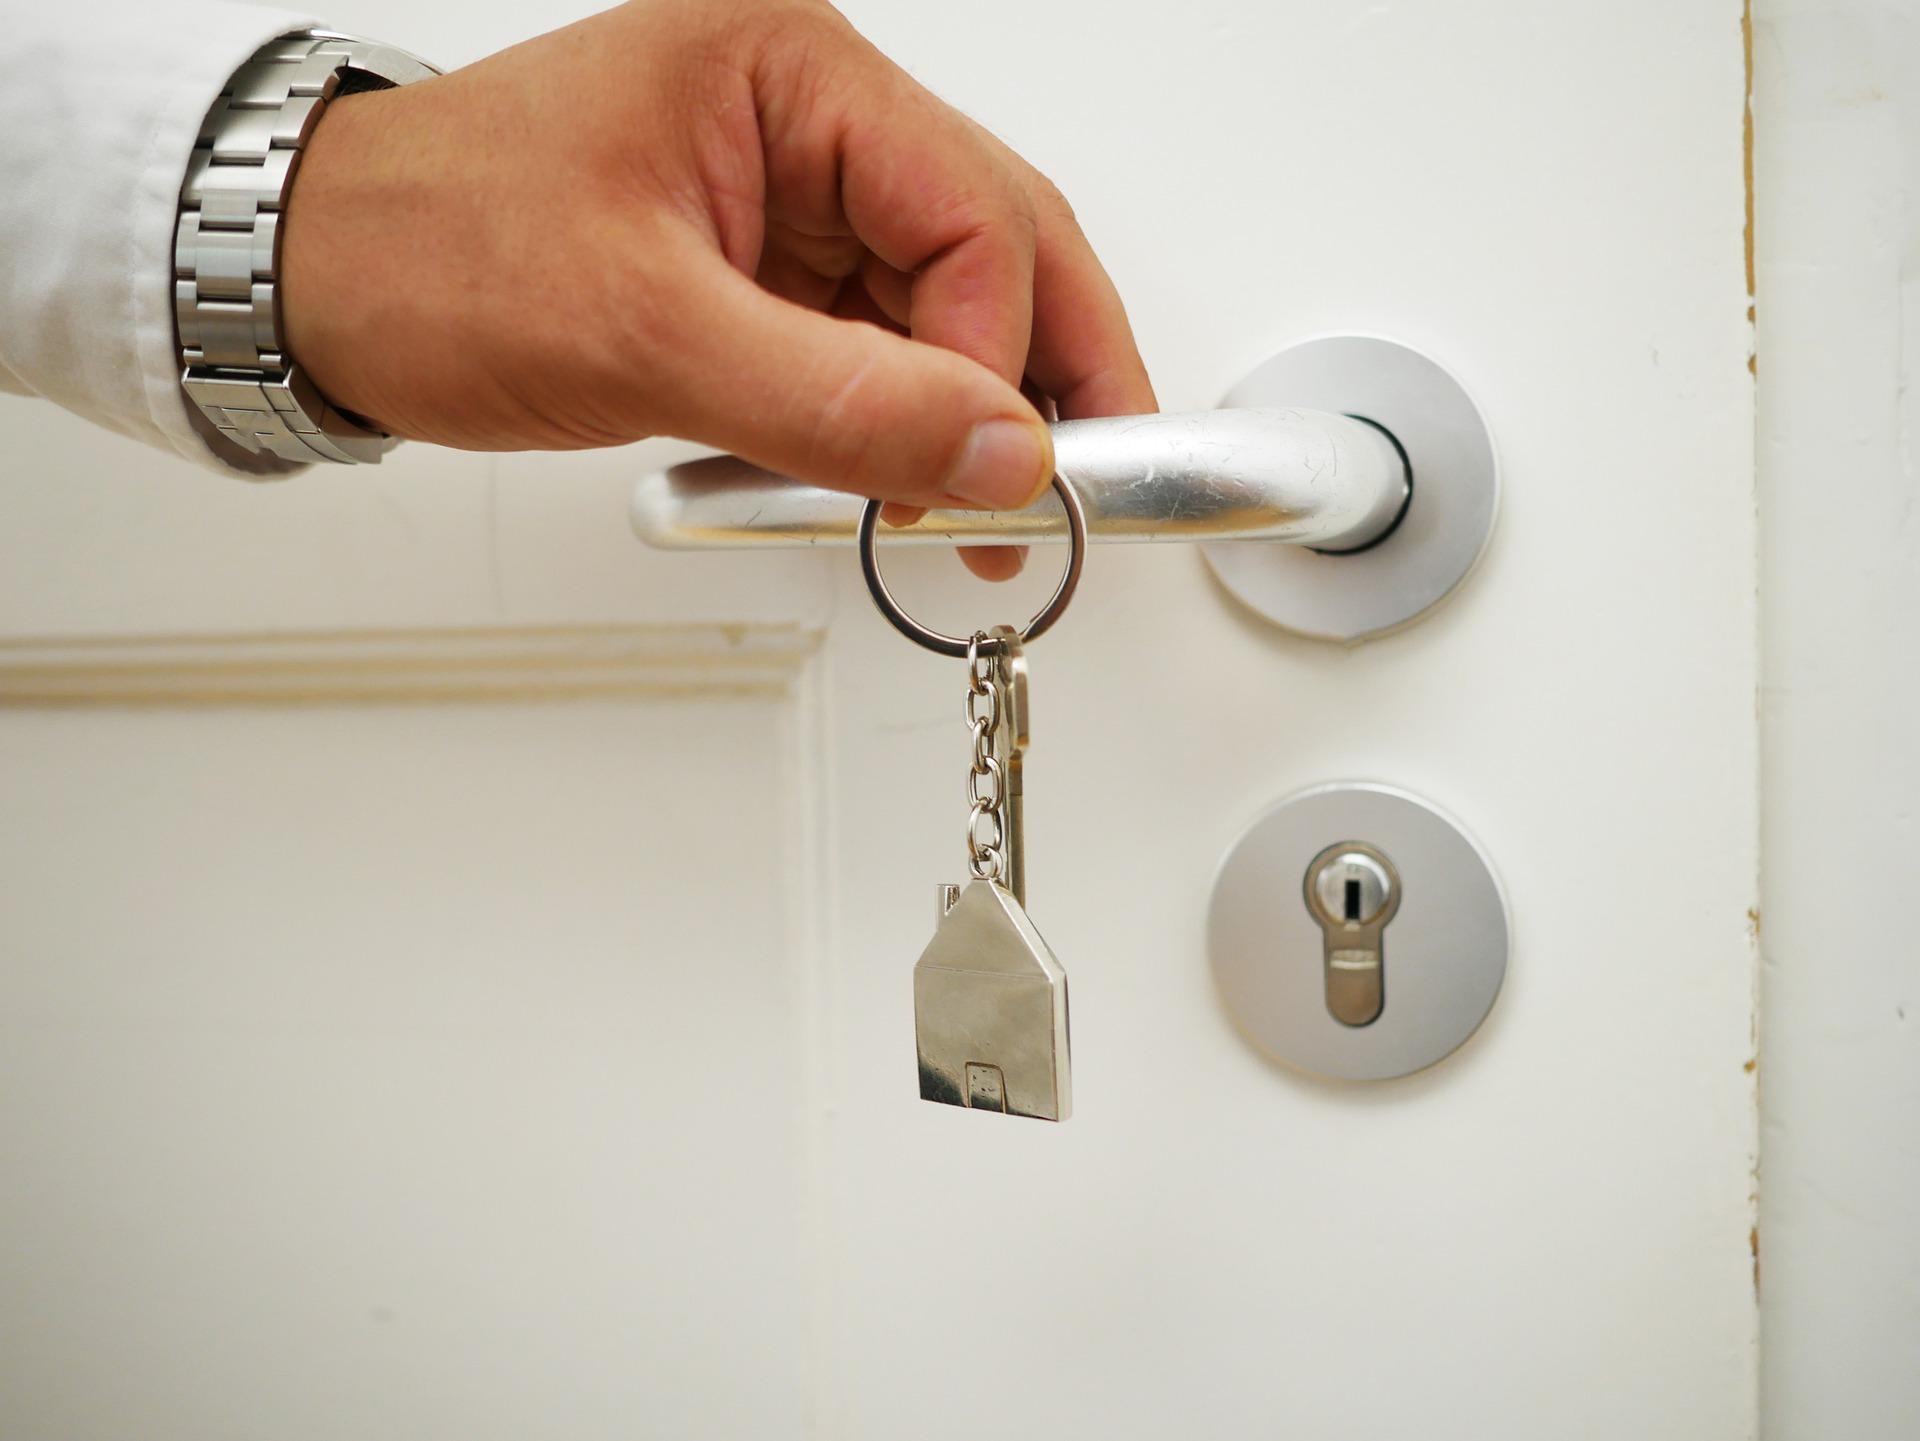 👉Quali considerazioni devi fare per vendere casa da solo?